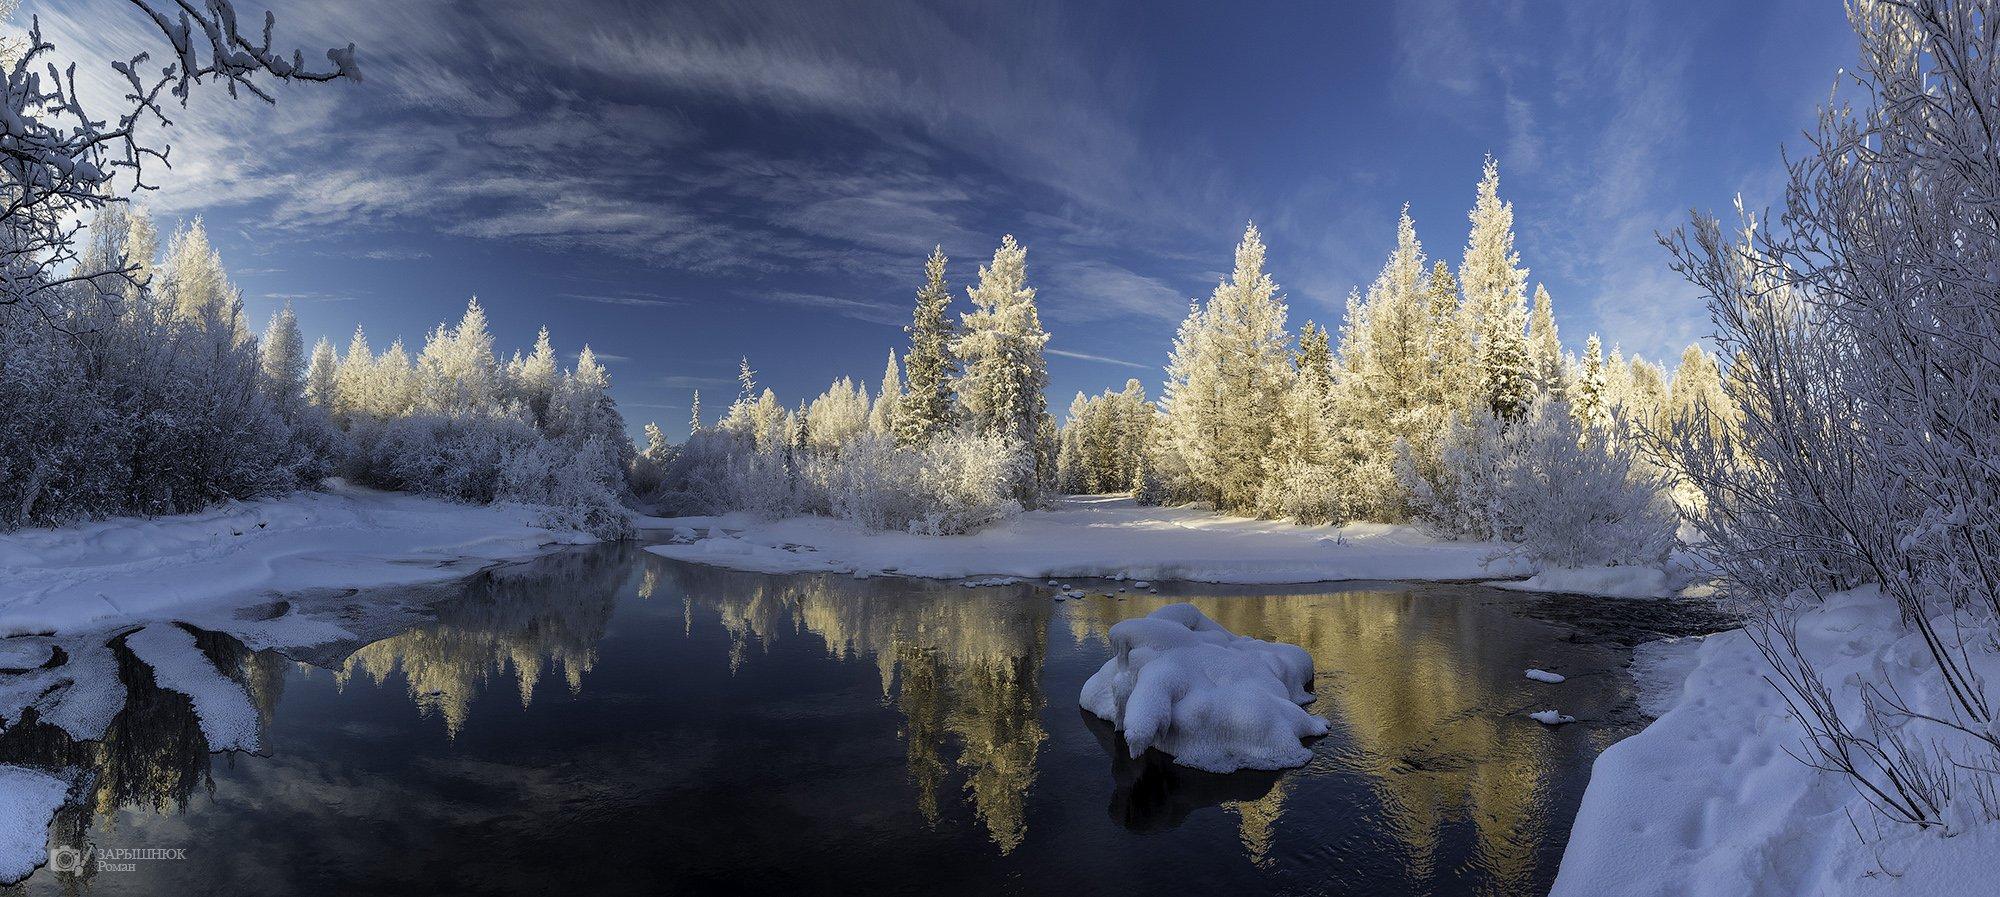 южная якутия, якутия, саха, нерюнгри, зима, снег, иней, река, Зарышнюк Роман